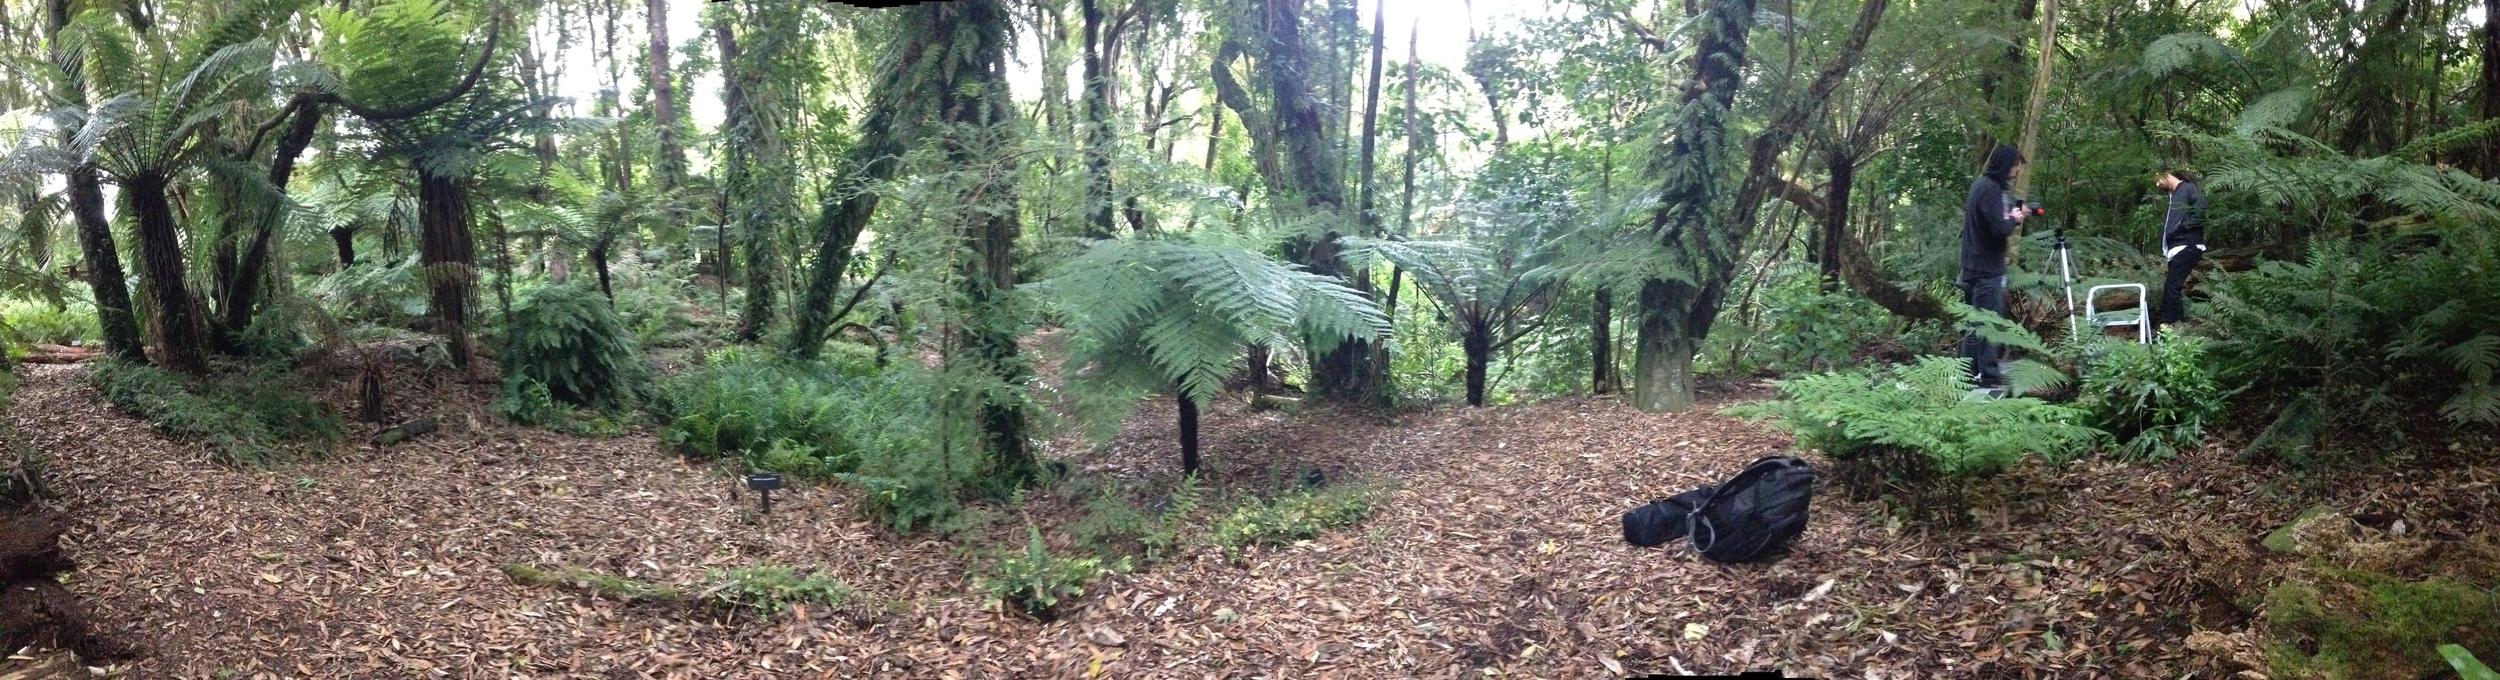 Otari Wilton Bush Reserve- the birdsong was insaaaaane!